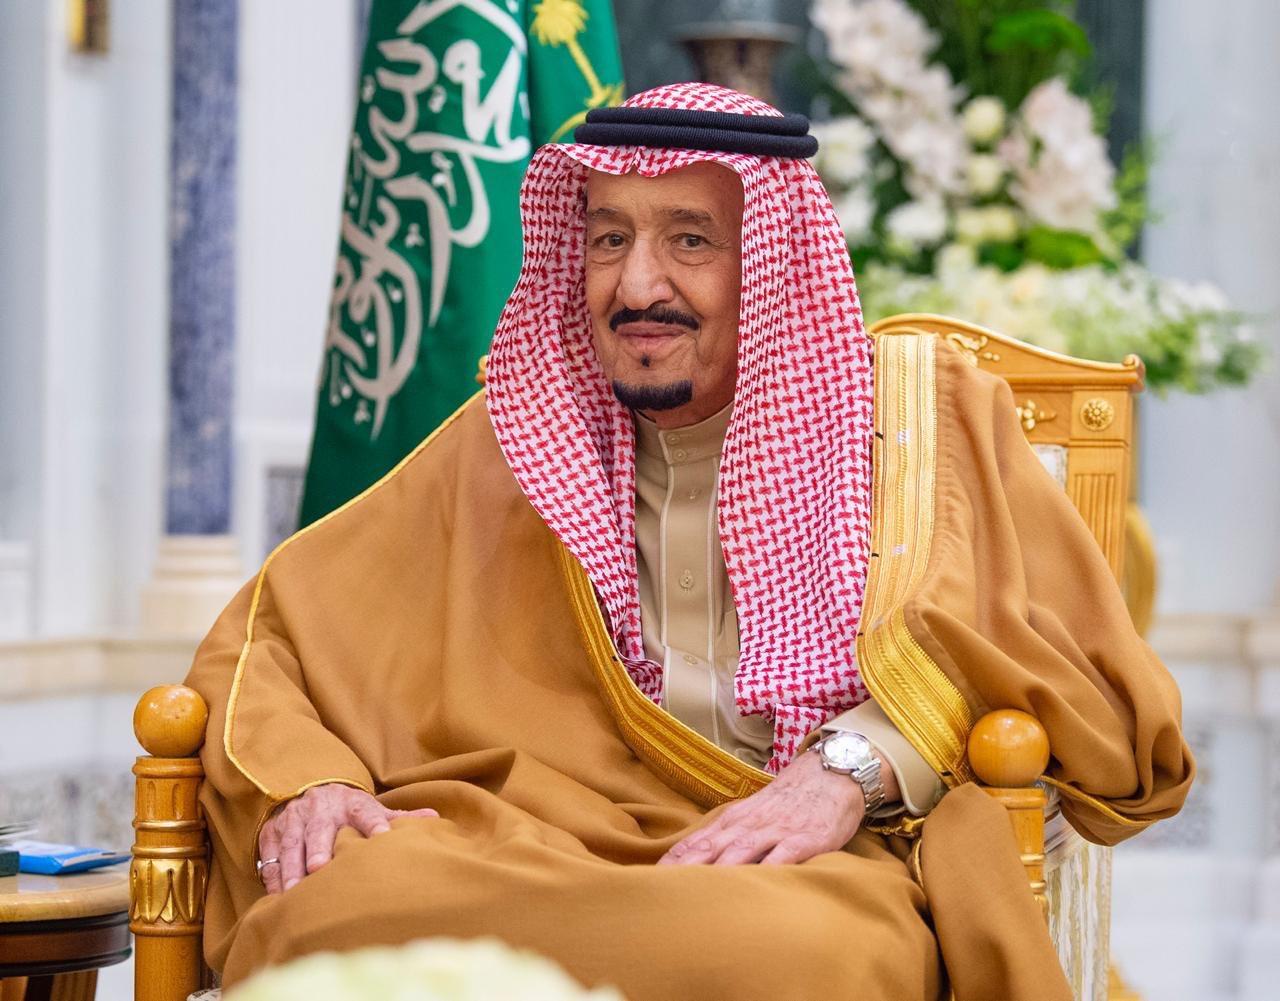 Suudi Arabistan Kralı Selman, hastaneye kaldırıldı